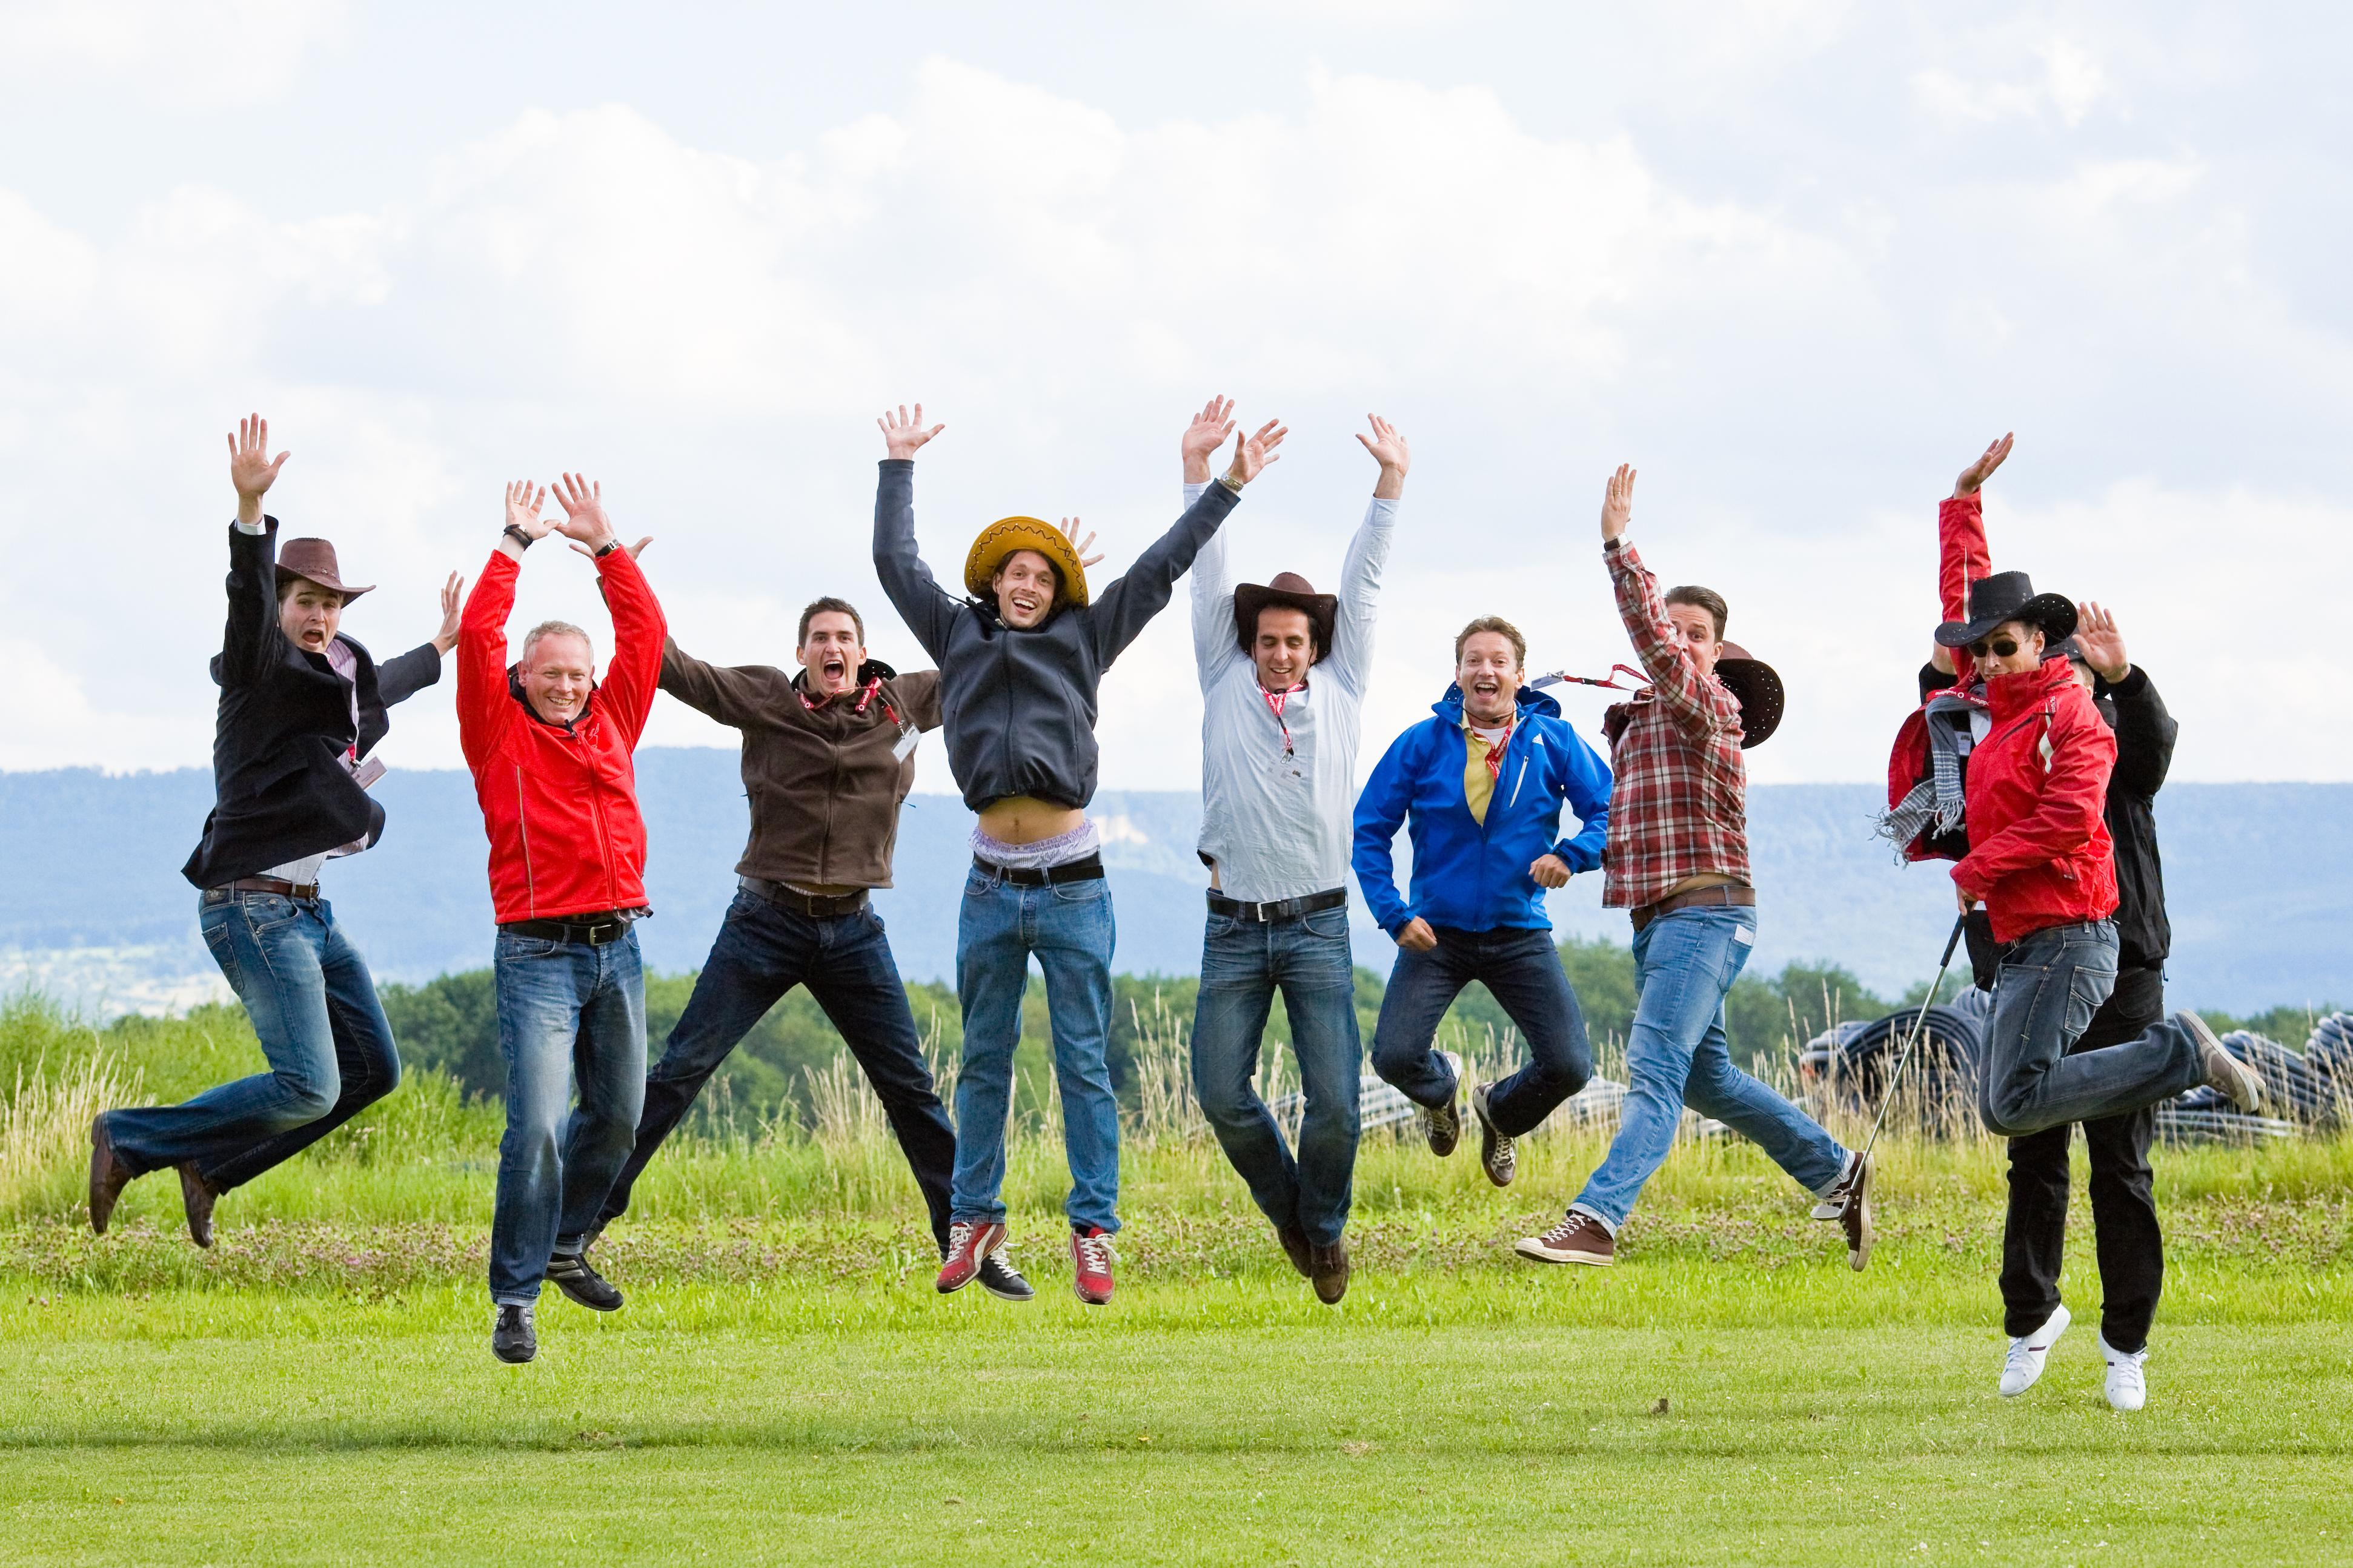 Event: Vor Freude springende Teilnehmer eines Sommerfestes. Wir als Eventagentur waren für die Full-Service-Organisation zuständig.